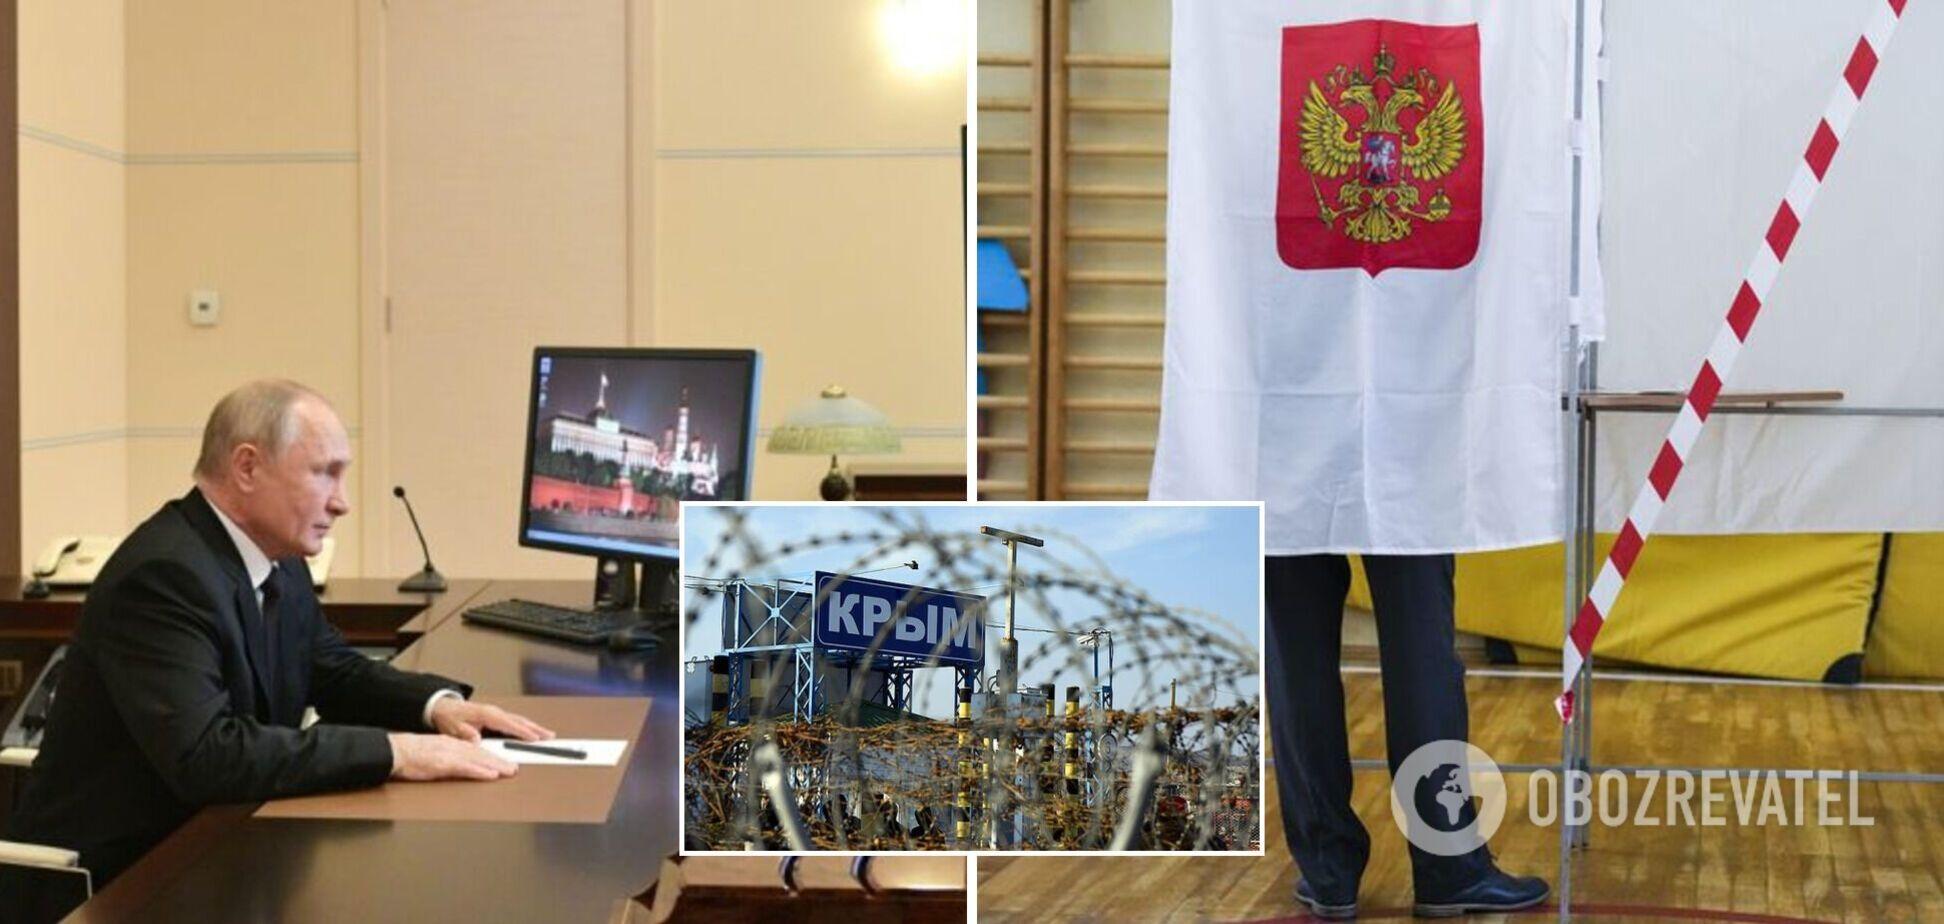 В Госдепе заявили, что США не признают результаты выборов в Госдуму РФ: прошли на 'суверенной территории Украины'